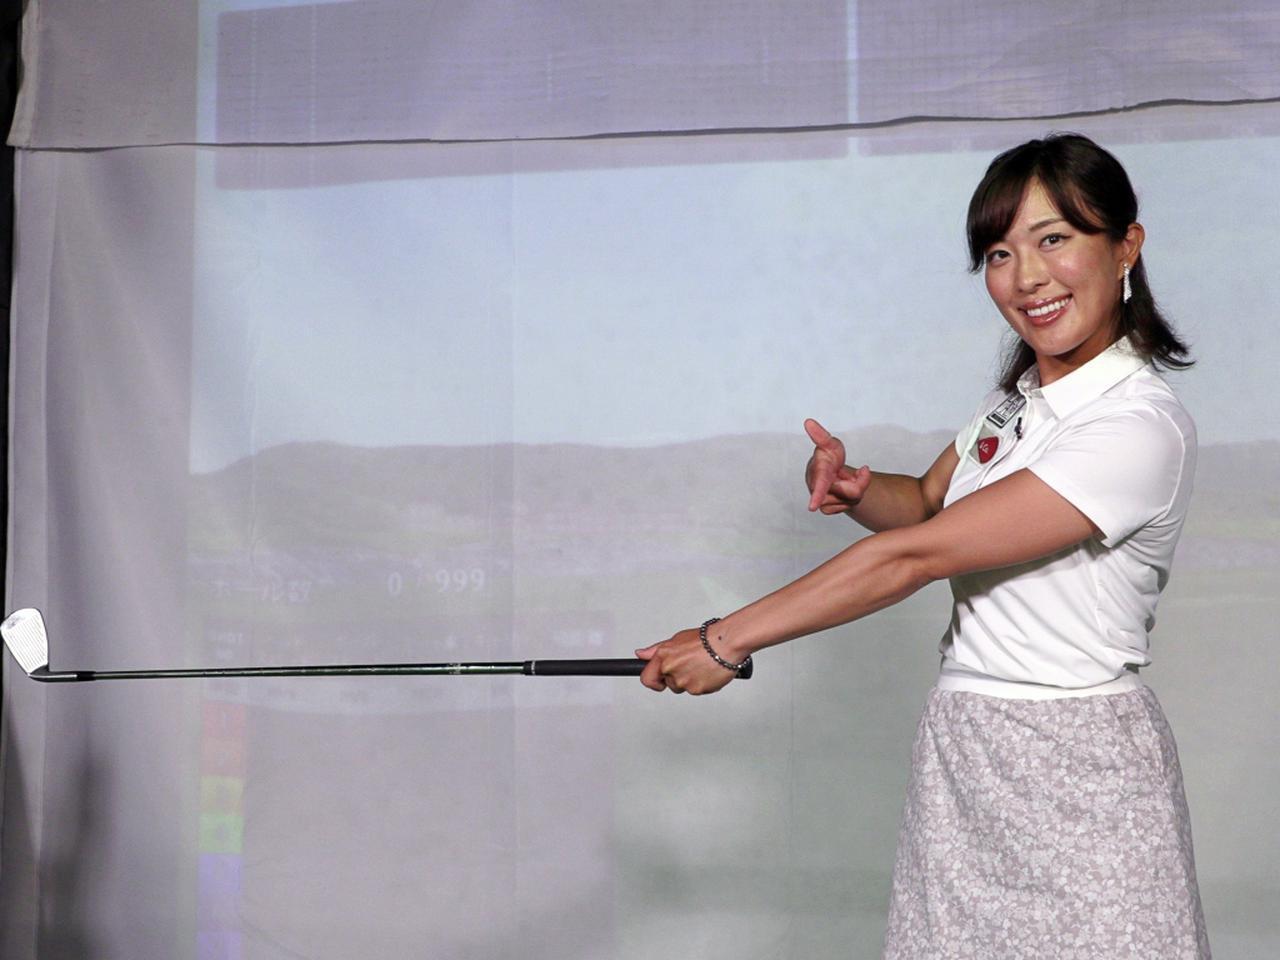 画像: 左腕を伸ばした状態で振ることでボールとの距離が変わらず安定したショットができると小澤